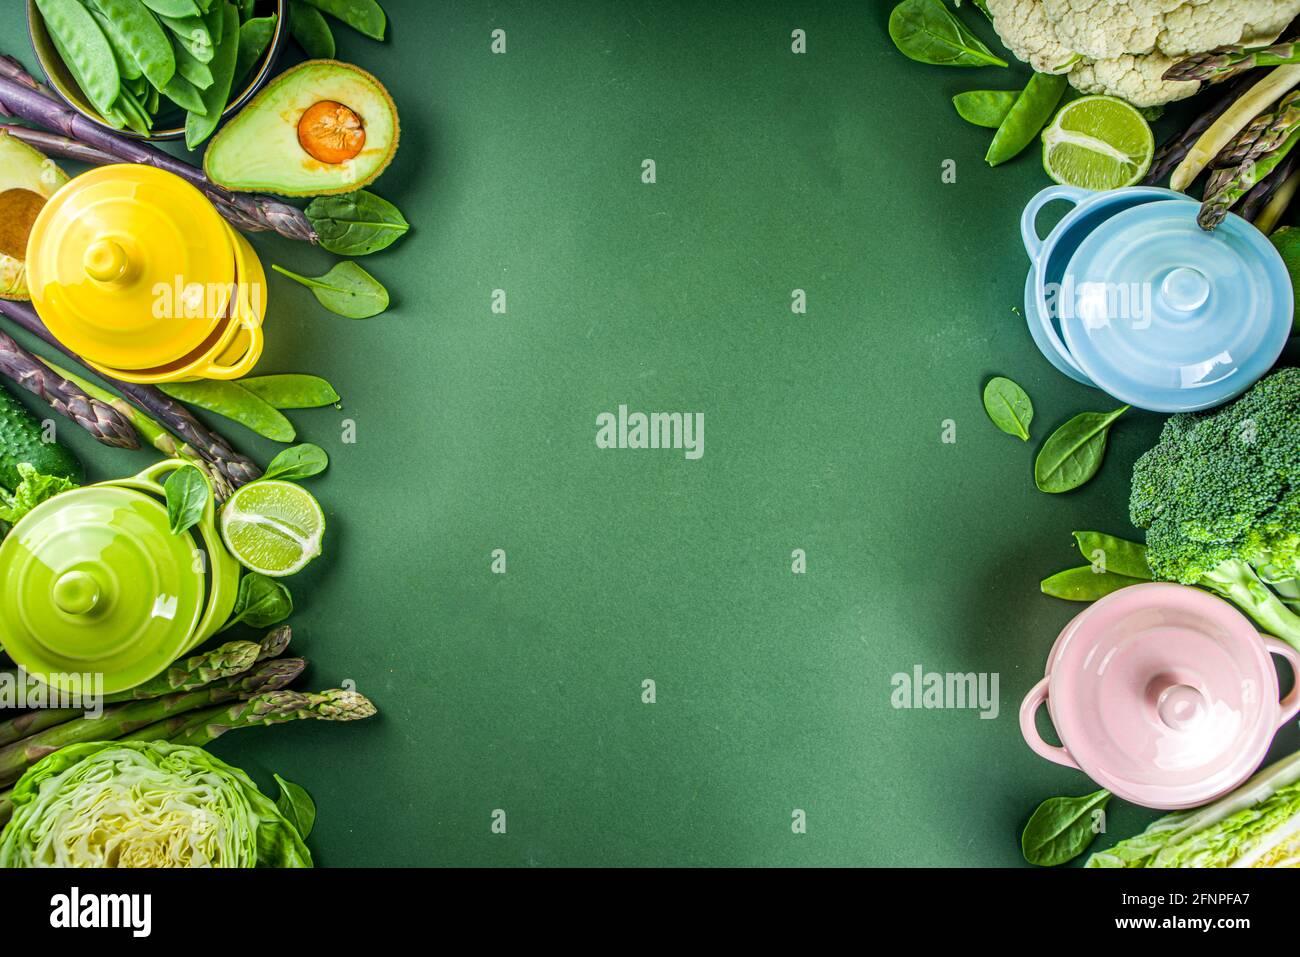 Vari ingredienti vegetali di primavera verdi organici con pentole da cucina vuote e colorate su un tavolo da cucina verde scuro, vista dall'alto. Dieta zuppa sana Foto Stock